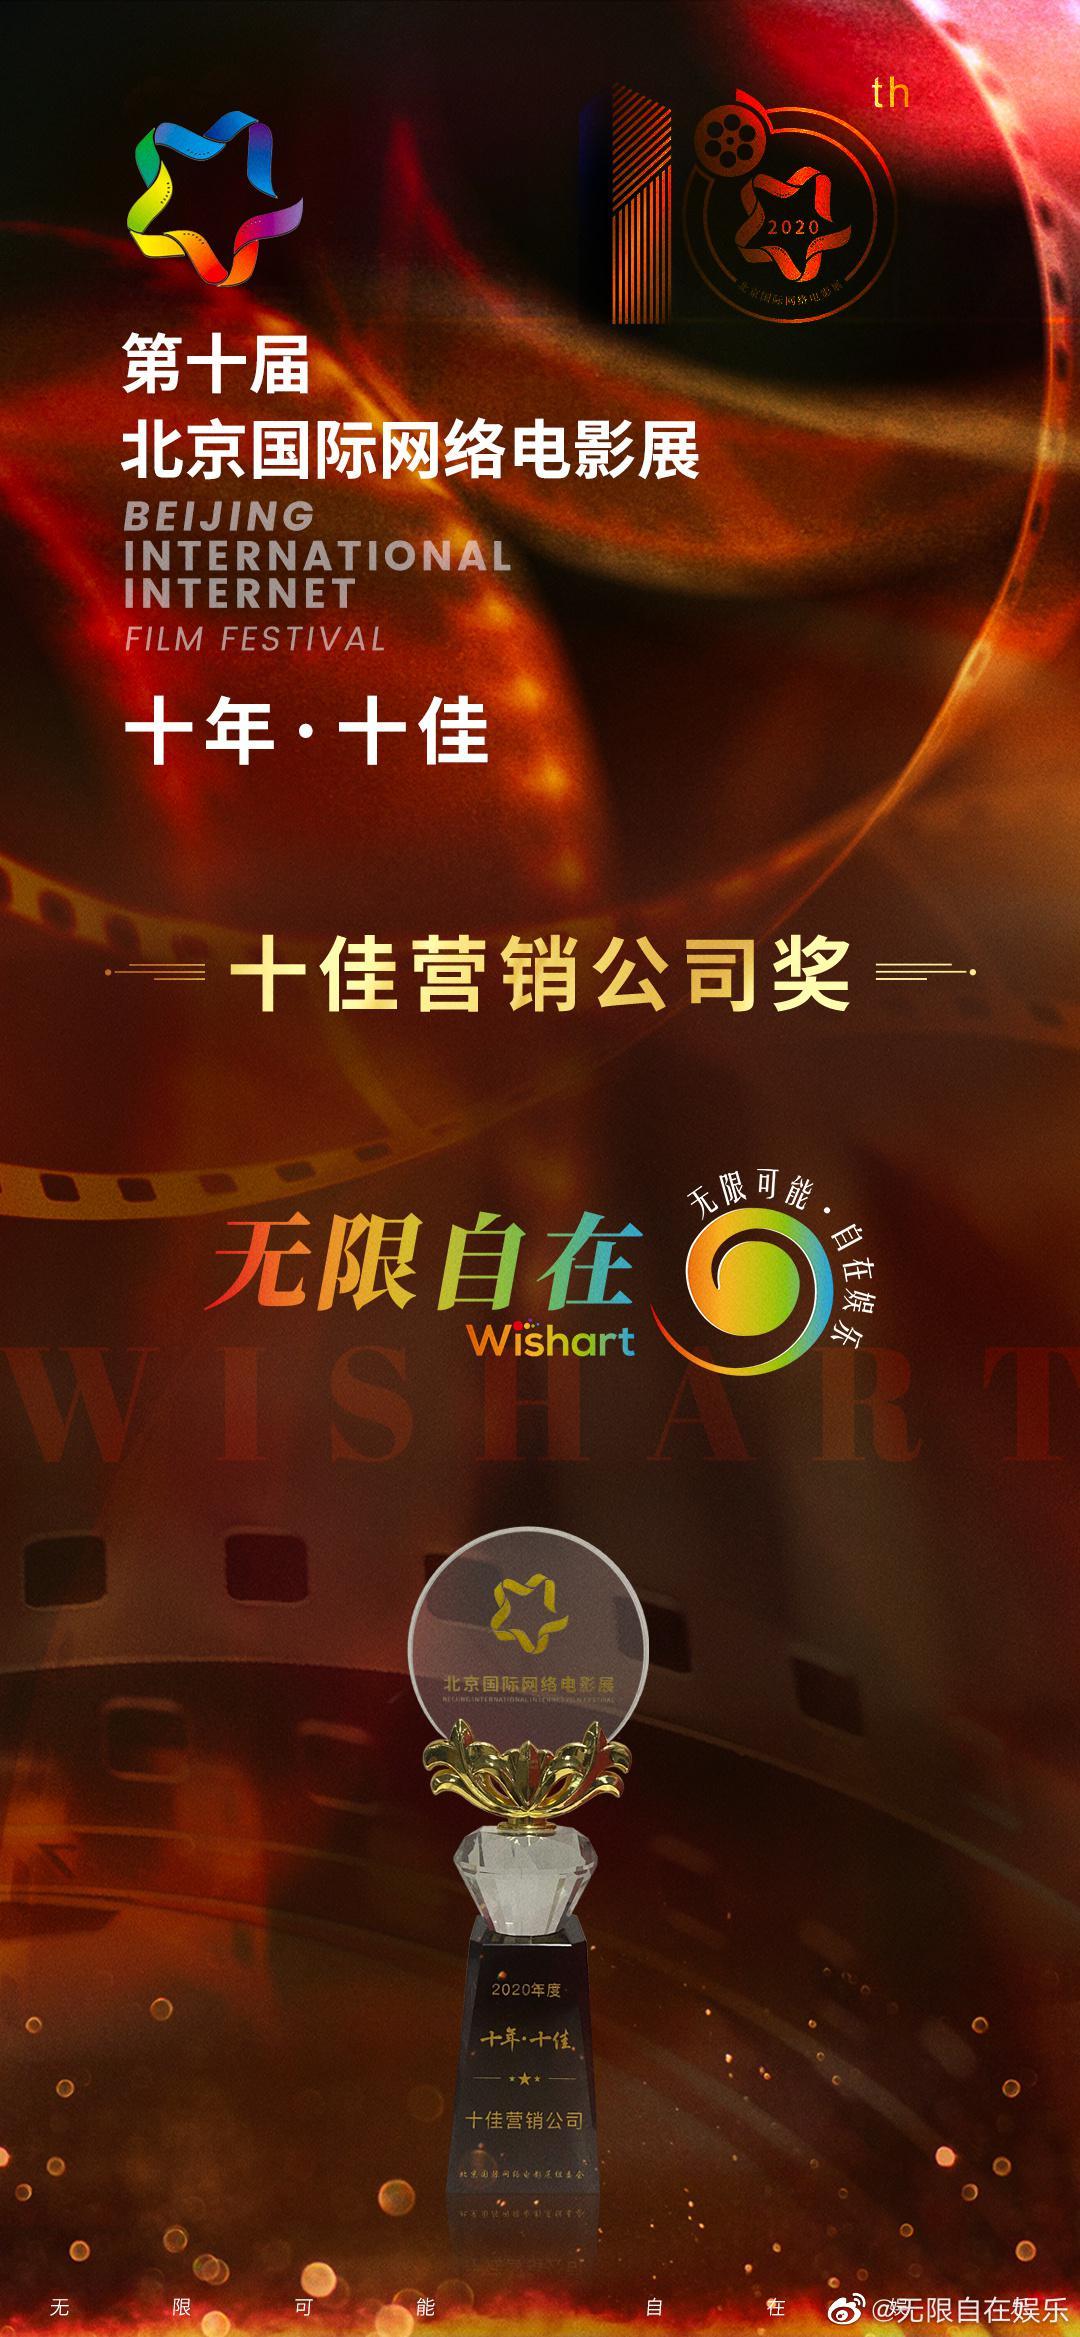 2020第十届北京国际网络电影展 十年·十佳 无限自在 荣获……